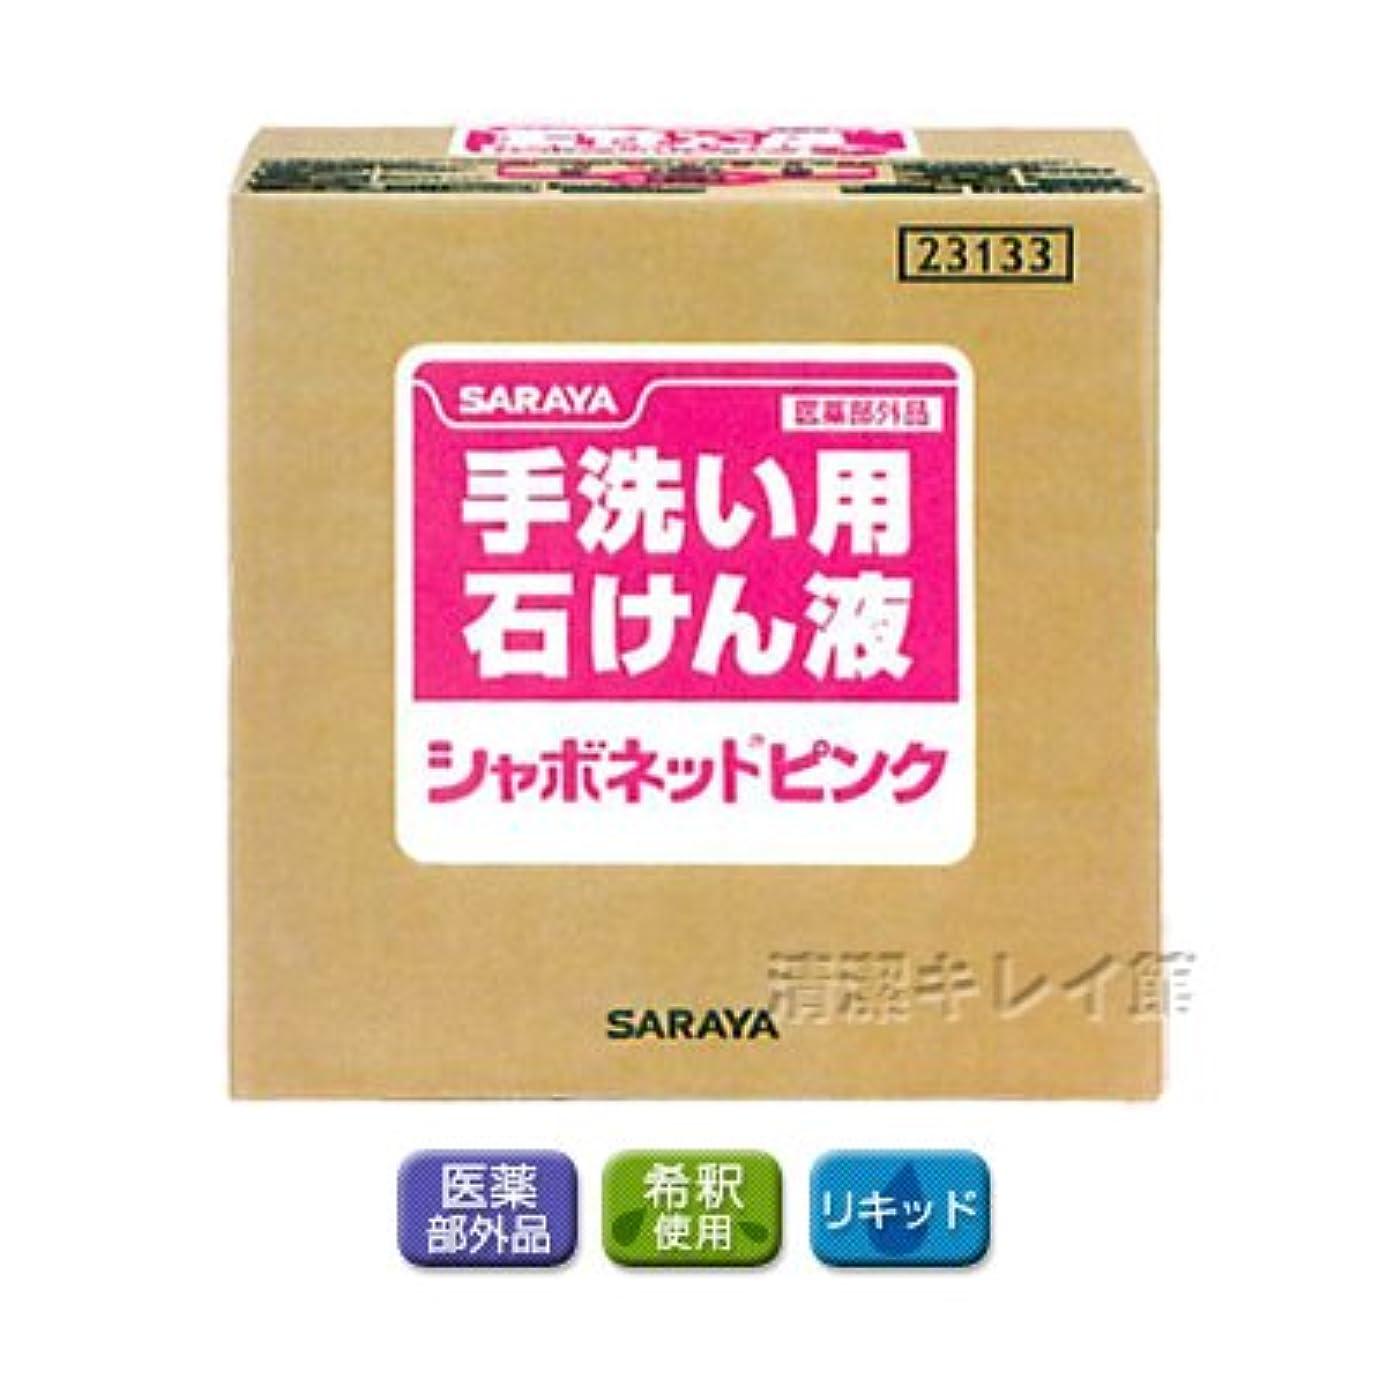 種迫害反発する【清潔キレイ館】サラヤ シャボネットピンク(20kg)